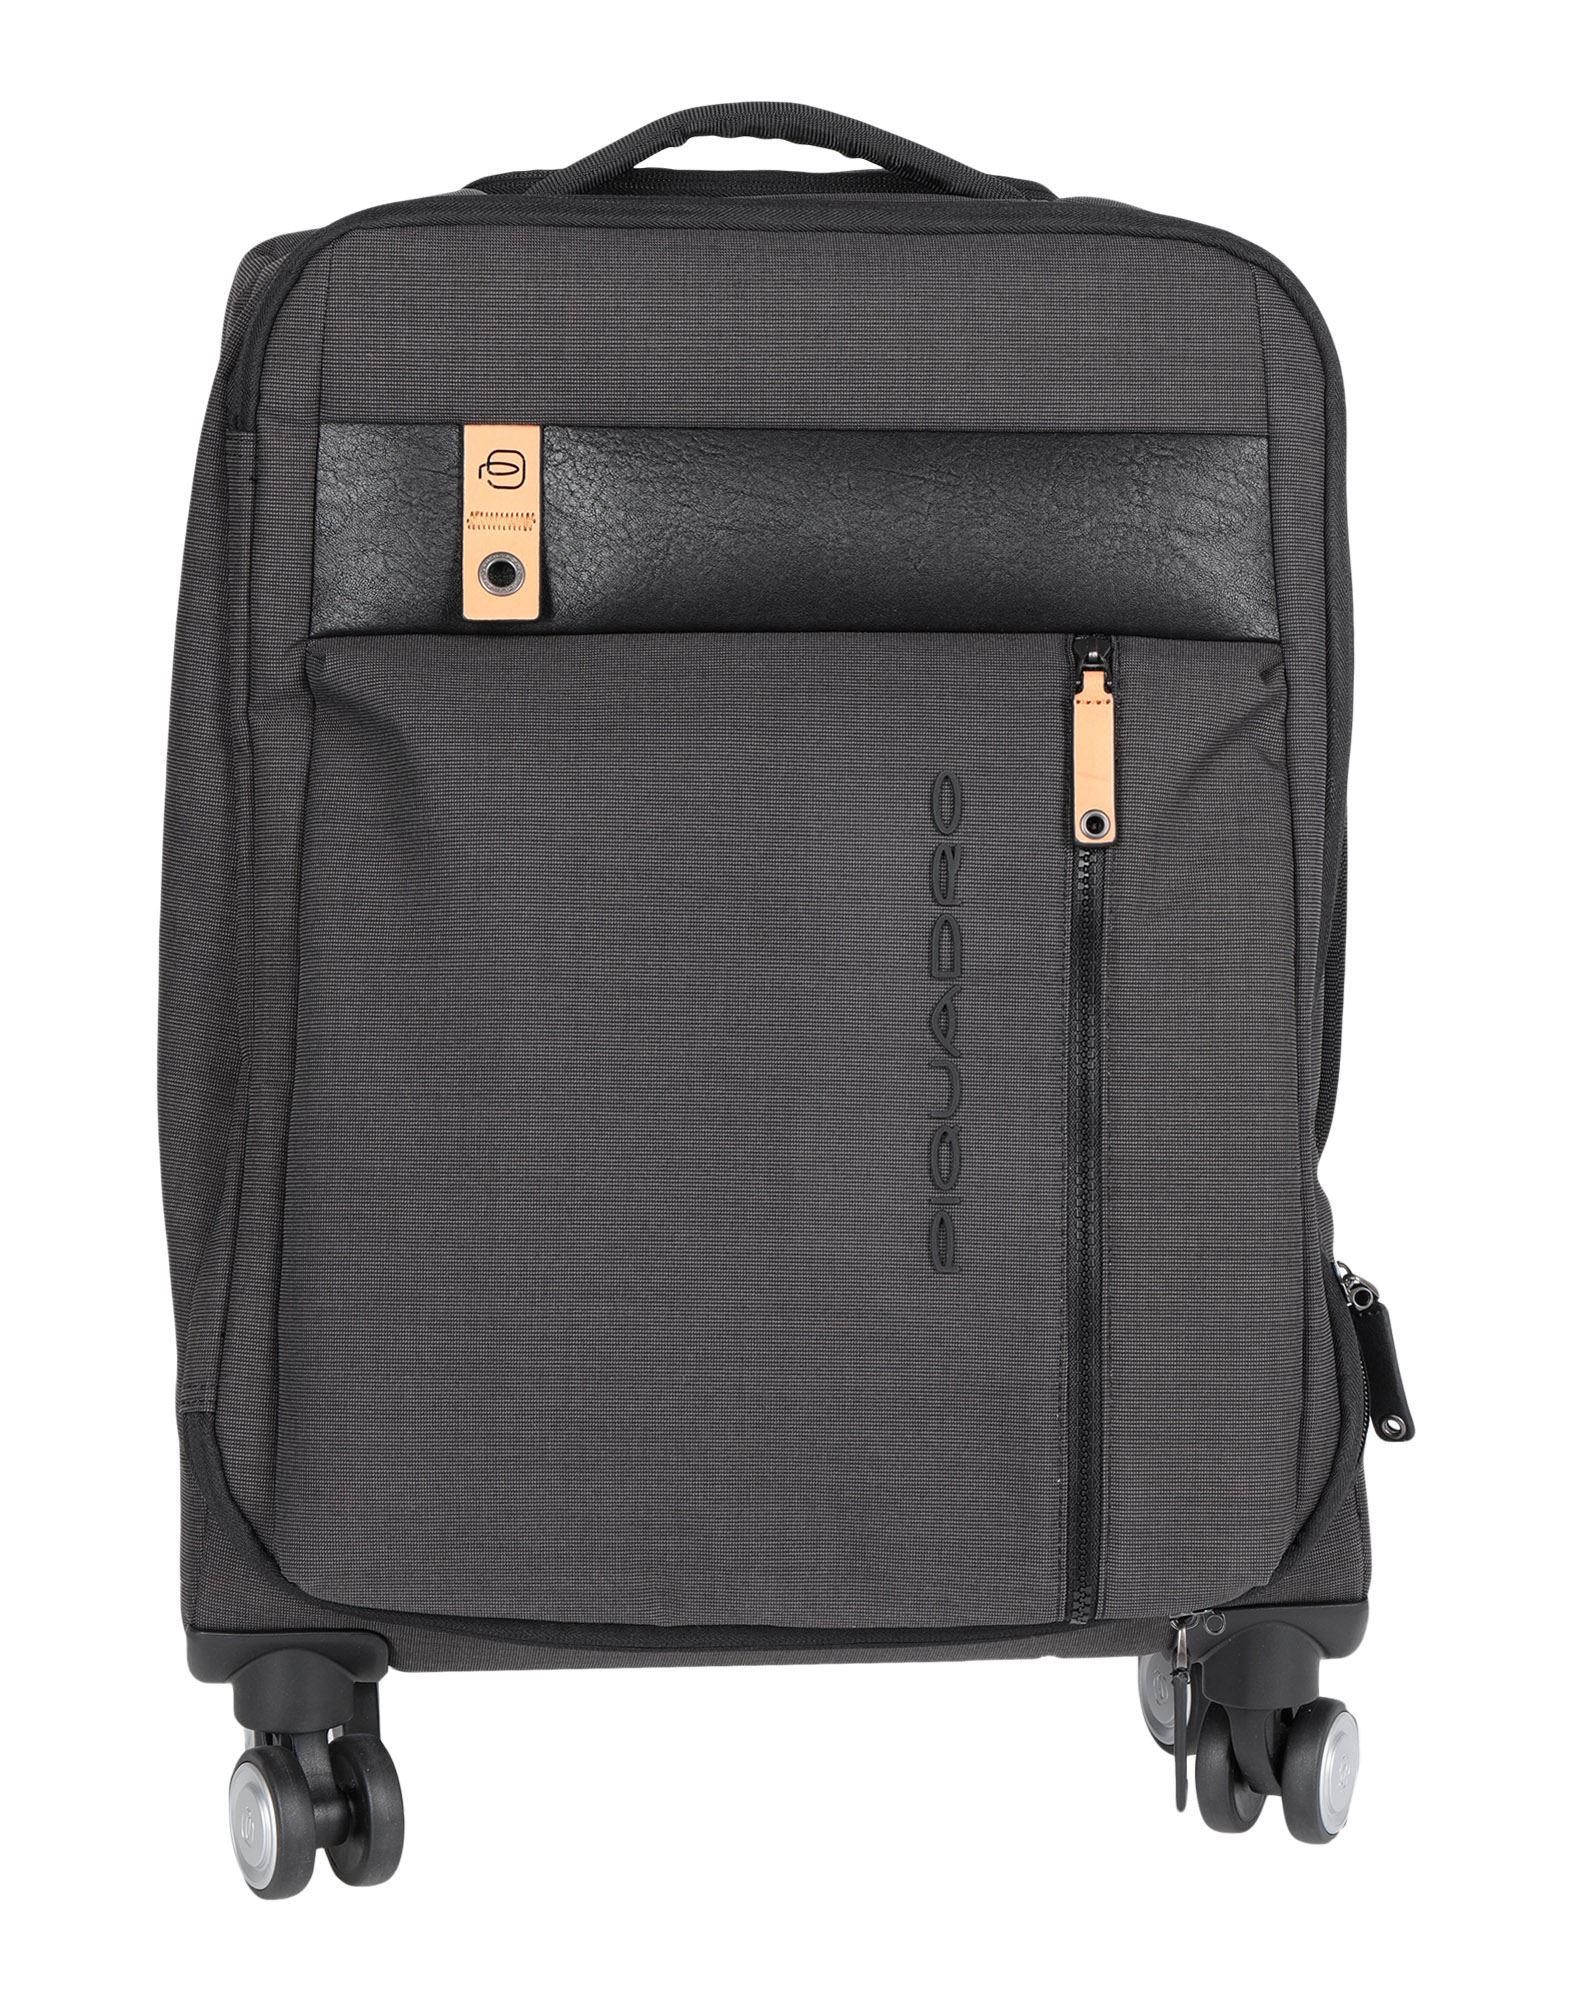 《セール開催中》PIQUADRO Unisex キャスター付きバッグ スチールグレー ポリエステル / 牛革 / 金属